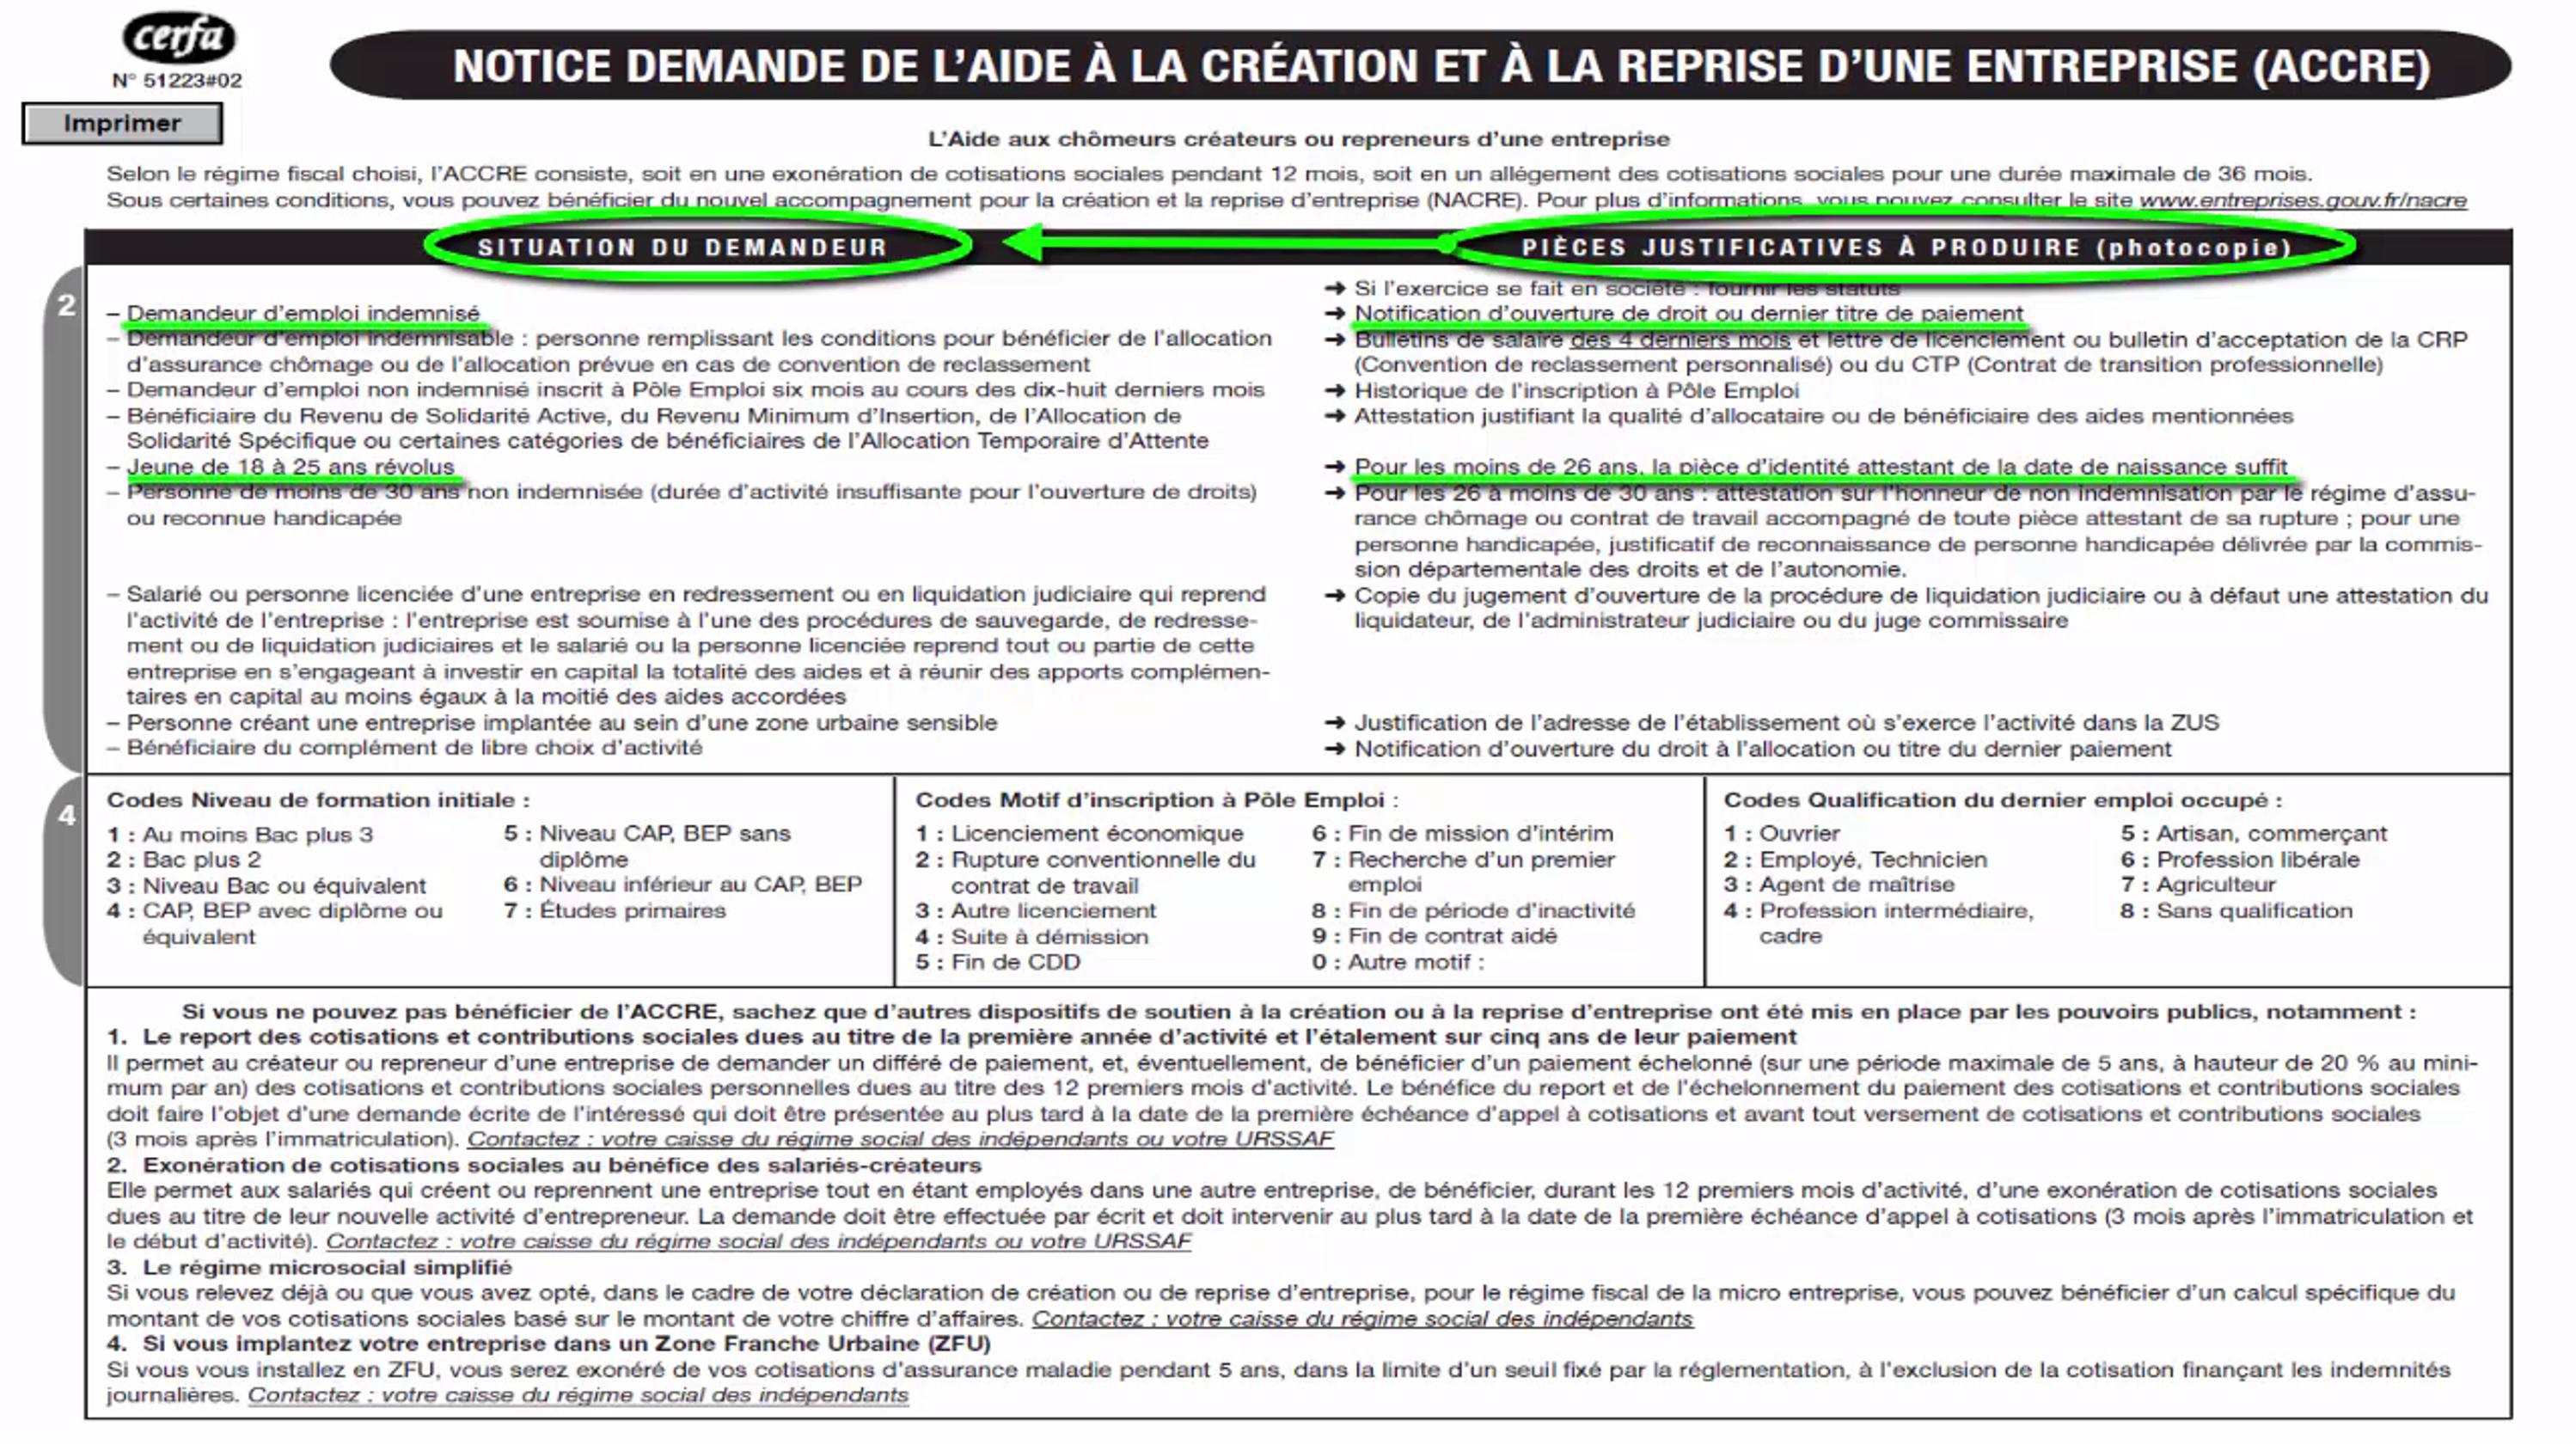 dossier accre notice